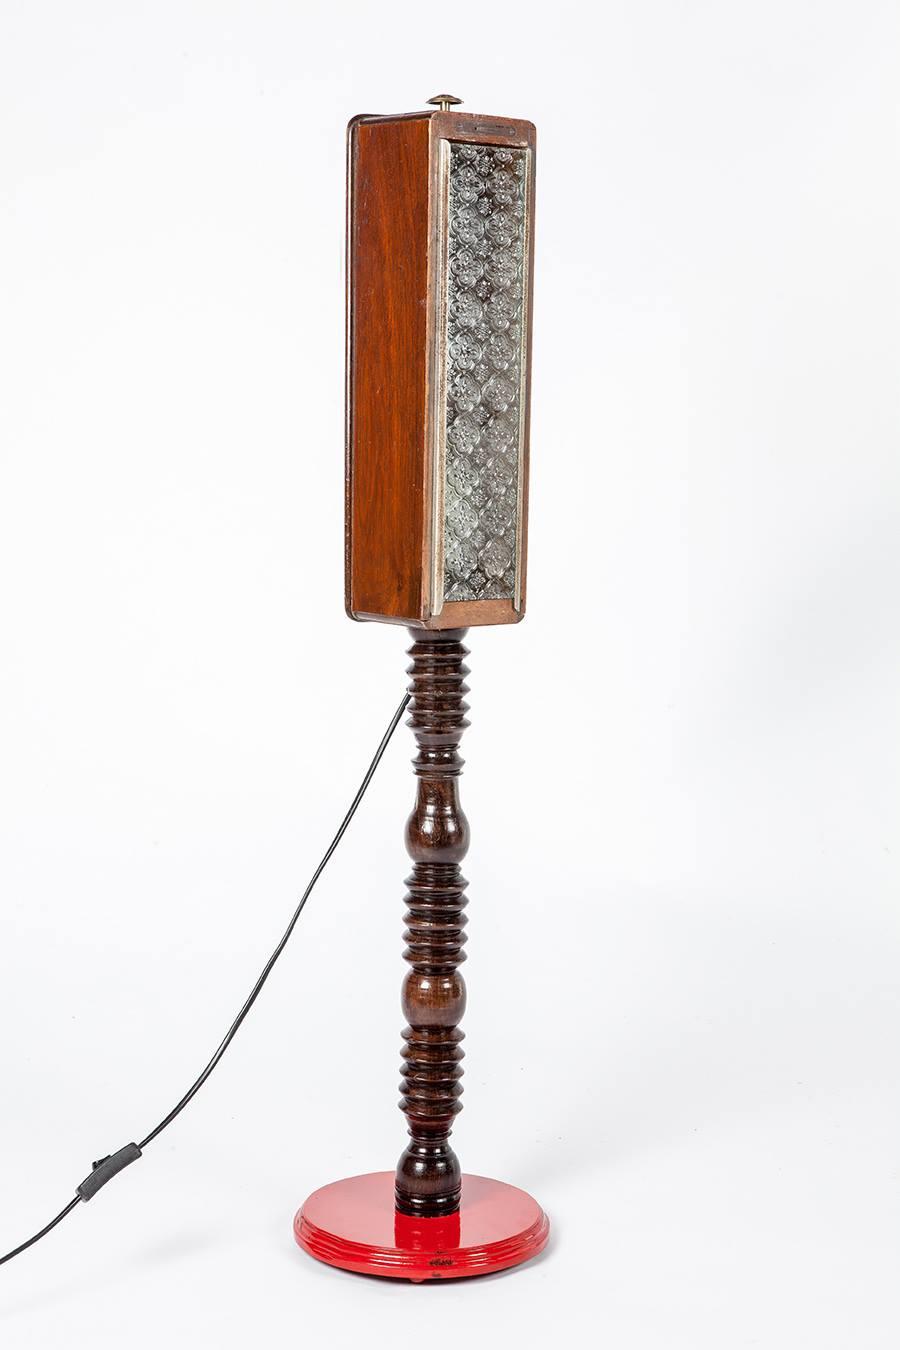 מנורה עומדת מפריטים ממוחזרים - מעצבע